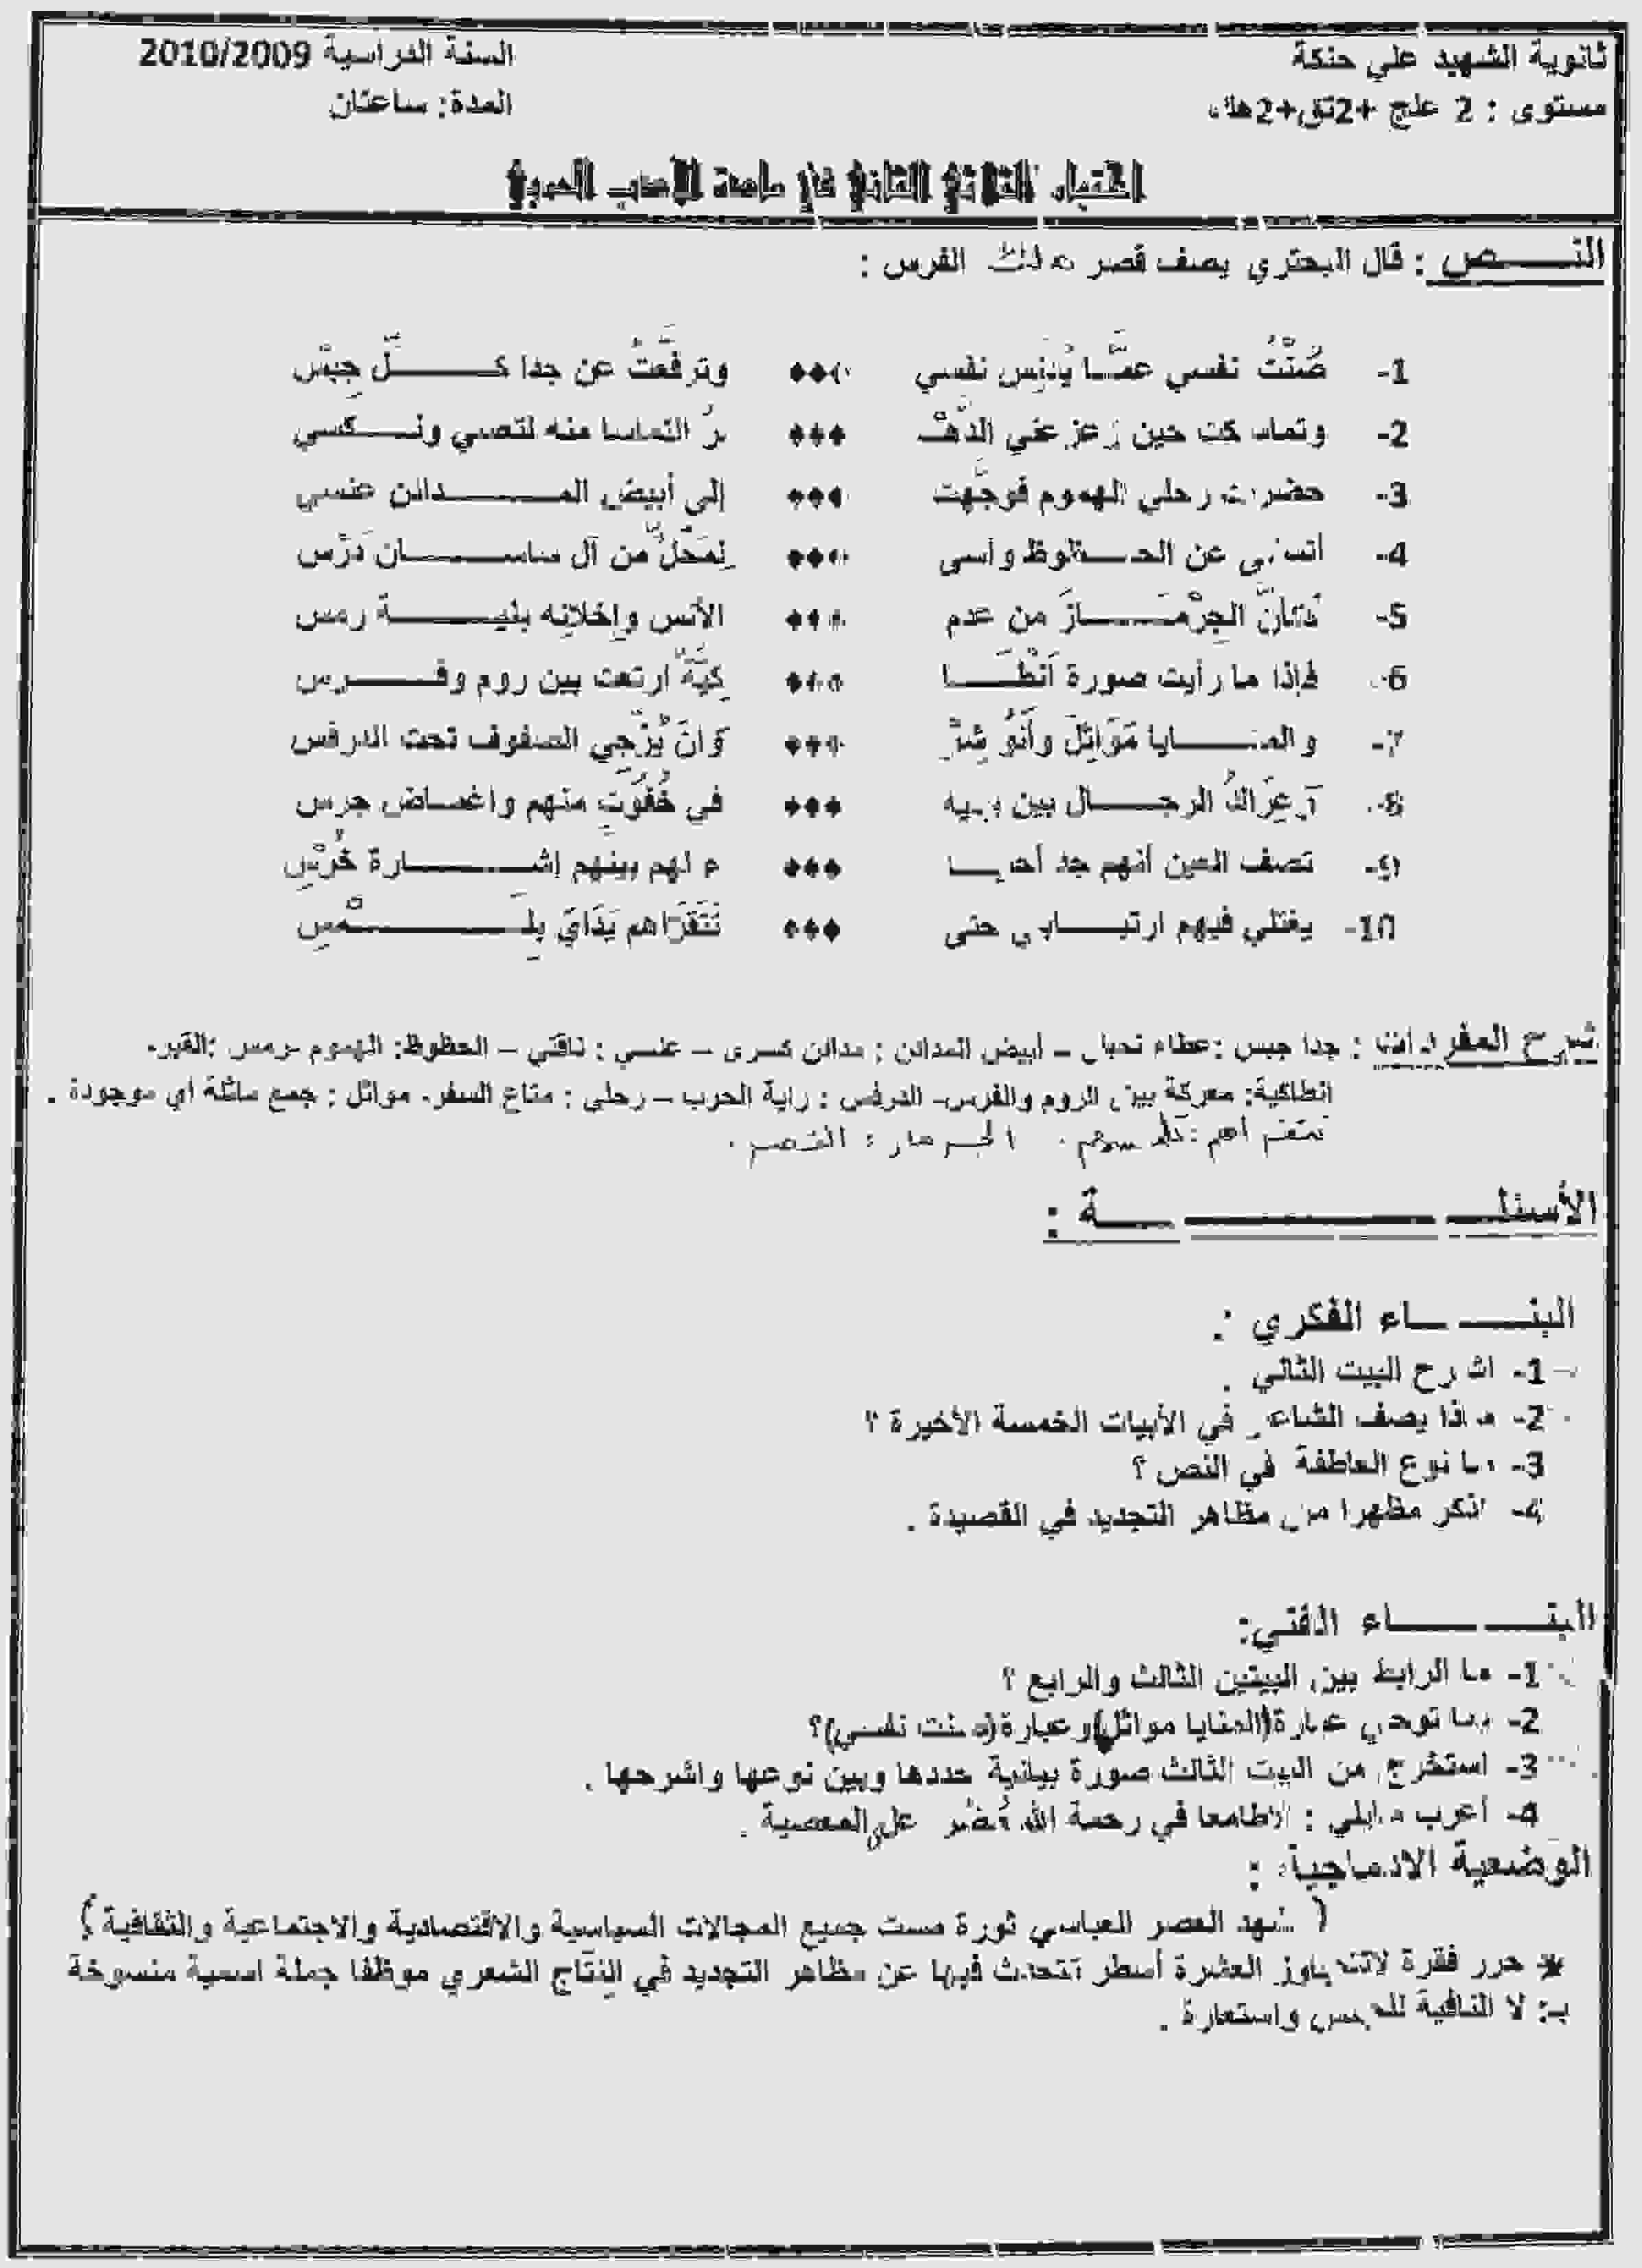 اختبار الثلاتي الثاني في الادب العربي img09410.jpg